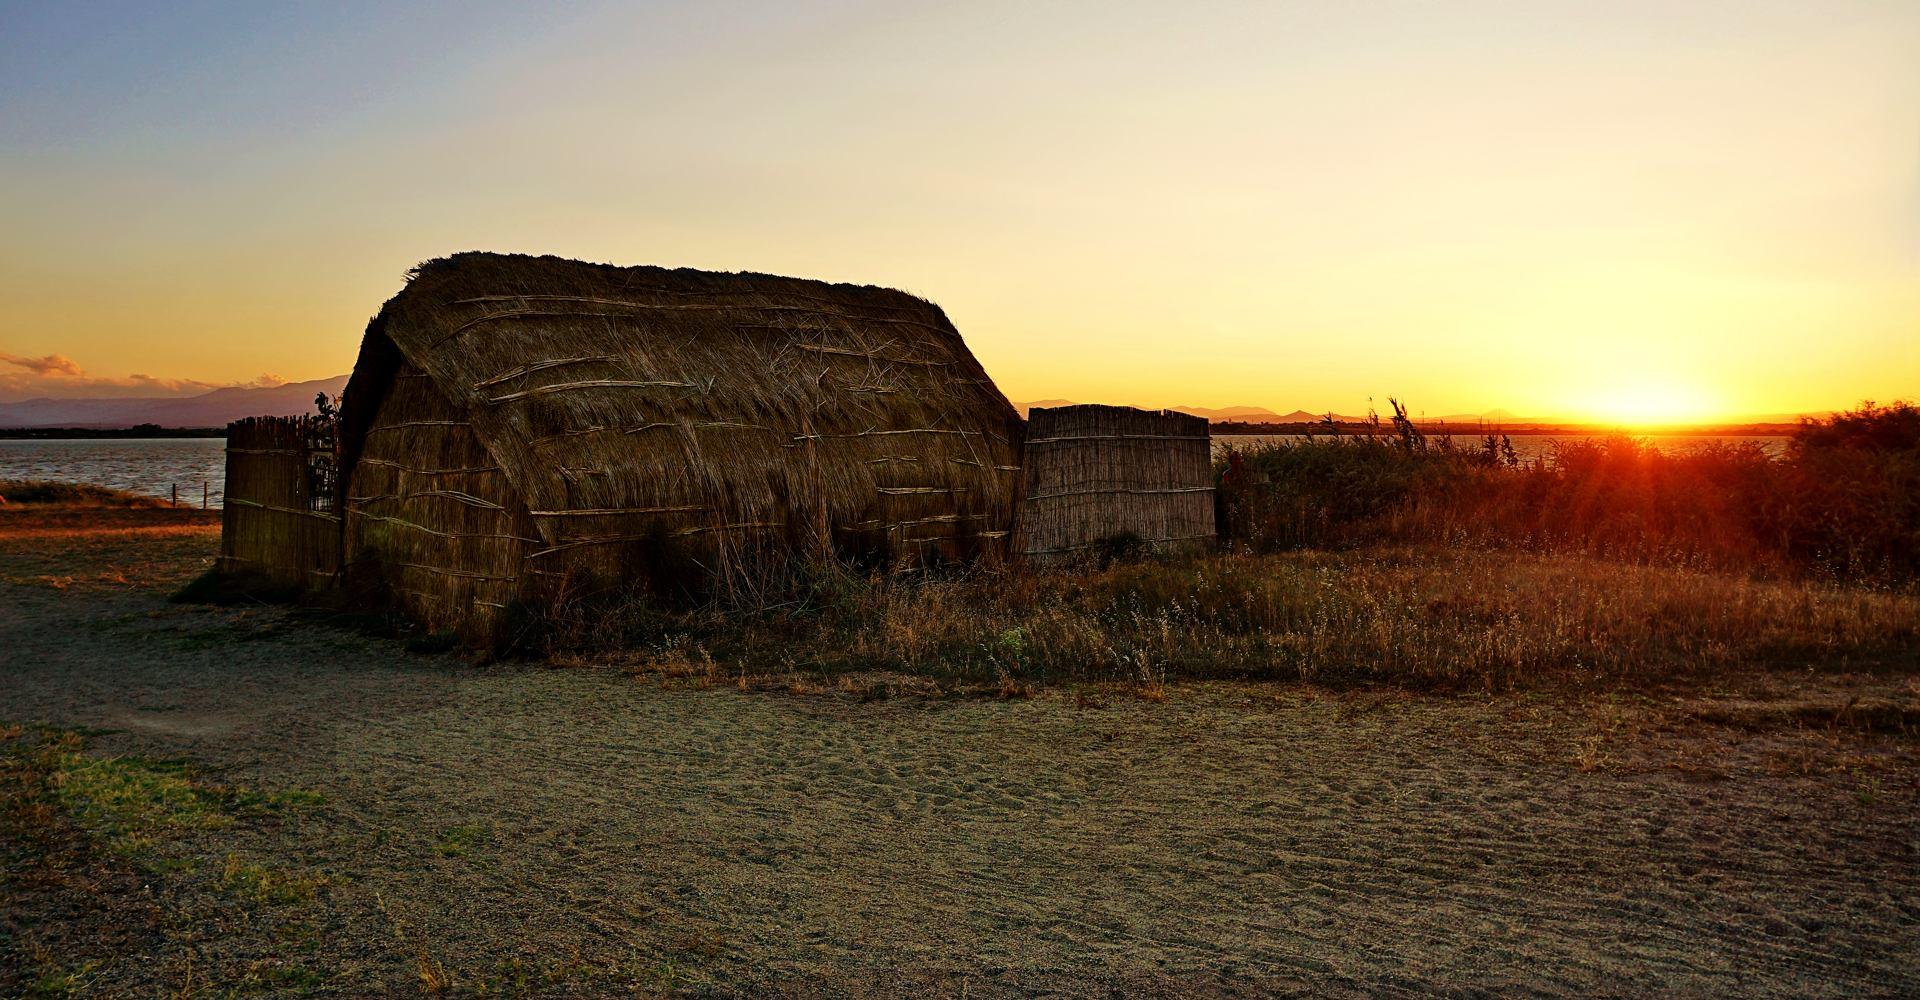 La cabane de roseaux